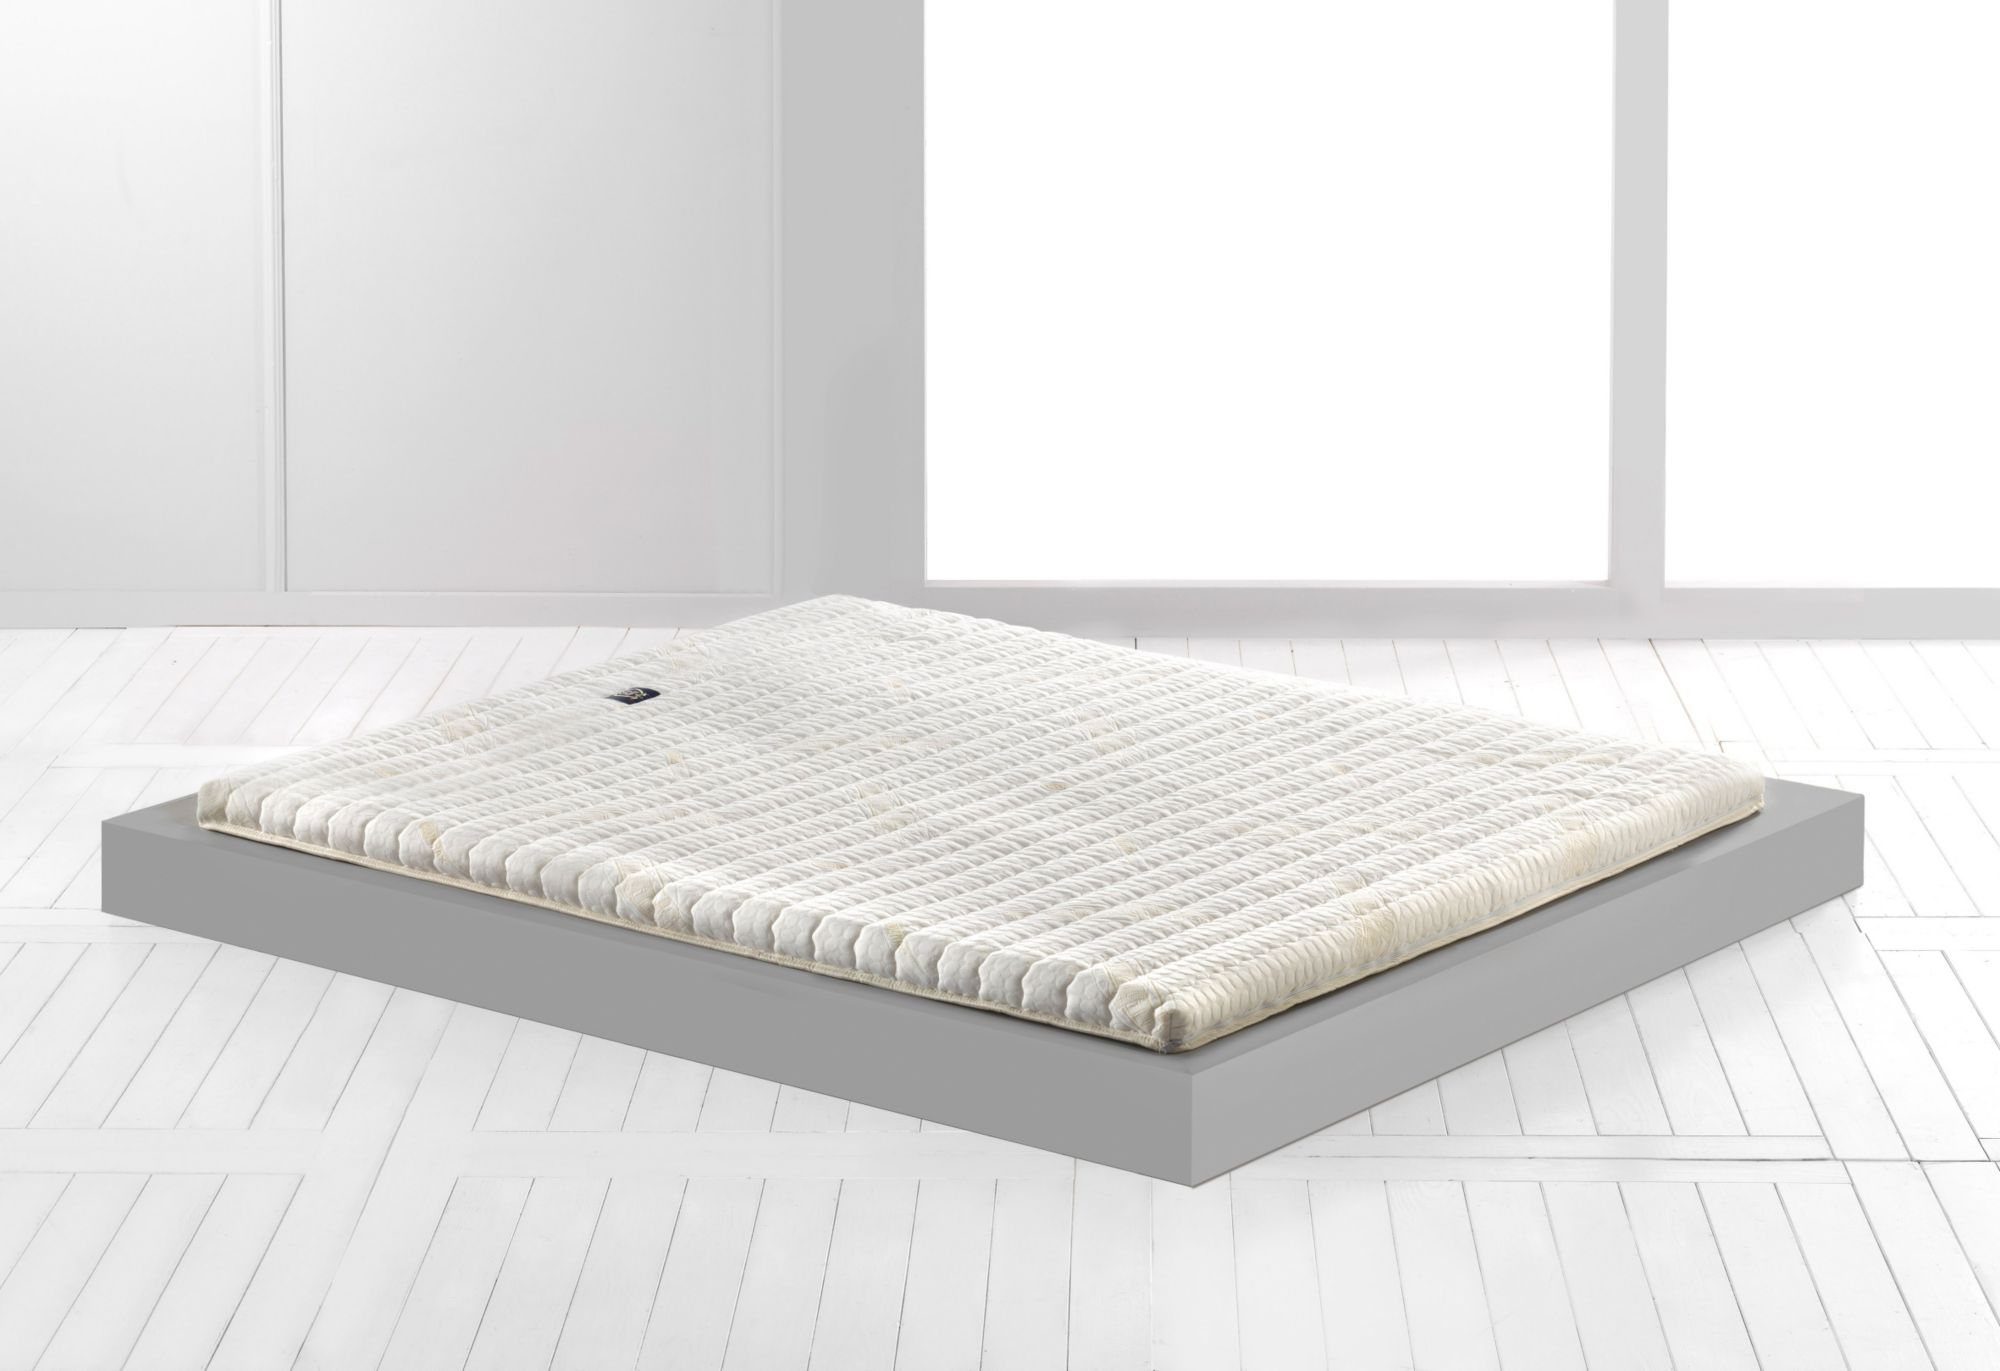 visco komfortschaum topper luxury top magniflex schwab versand komfortschaum topper. Black Bedroom Furniture Sets. Home Design Ideas